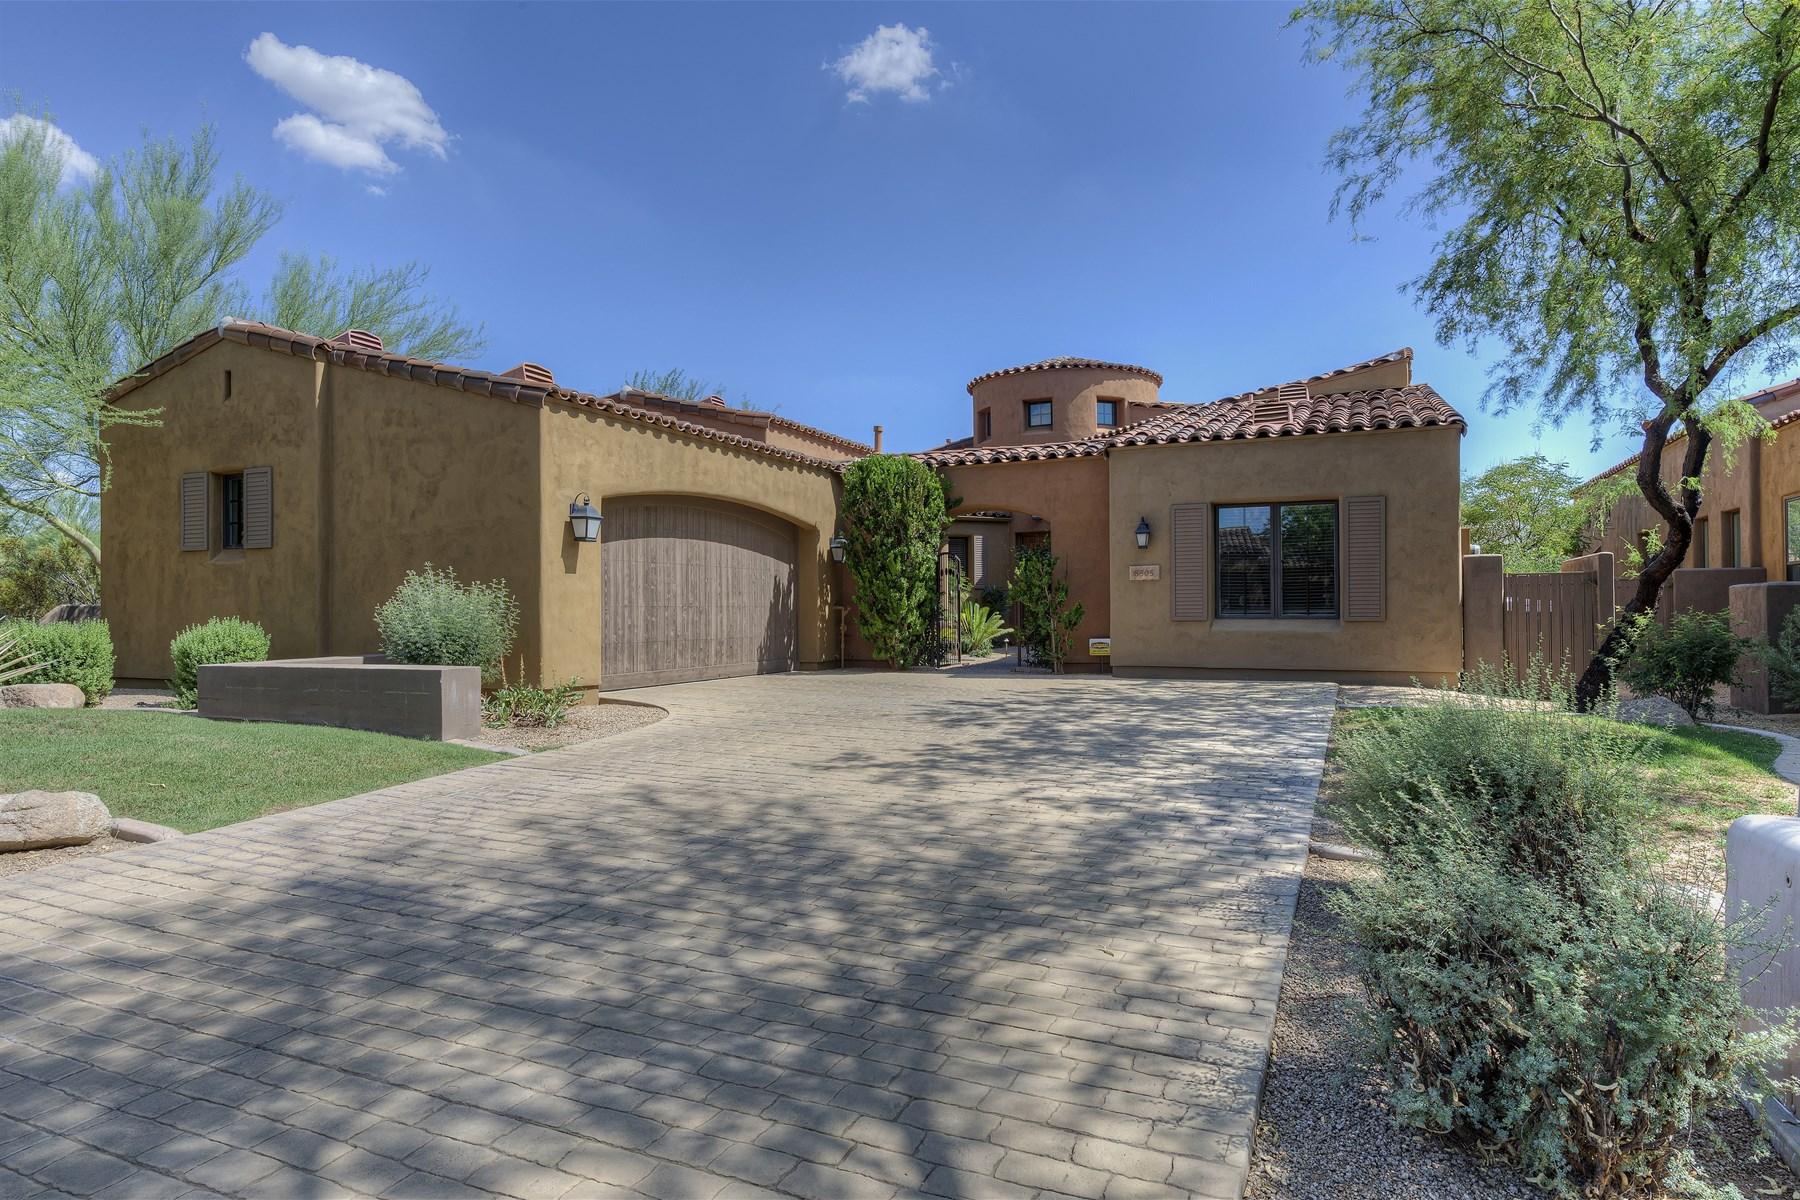 Tek Ailelik Ev için Satış at Beautifully maintained contemporary home in a guard gated area of Grayhawk 8505 E Angel Spirit Dr Scottsdale, Arizona 85255 Amerika Birleşik Devletleri